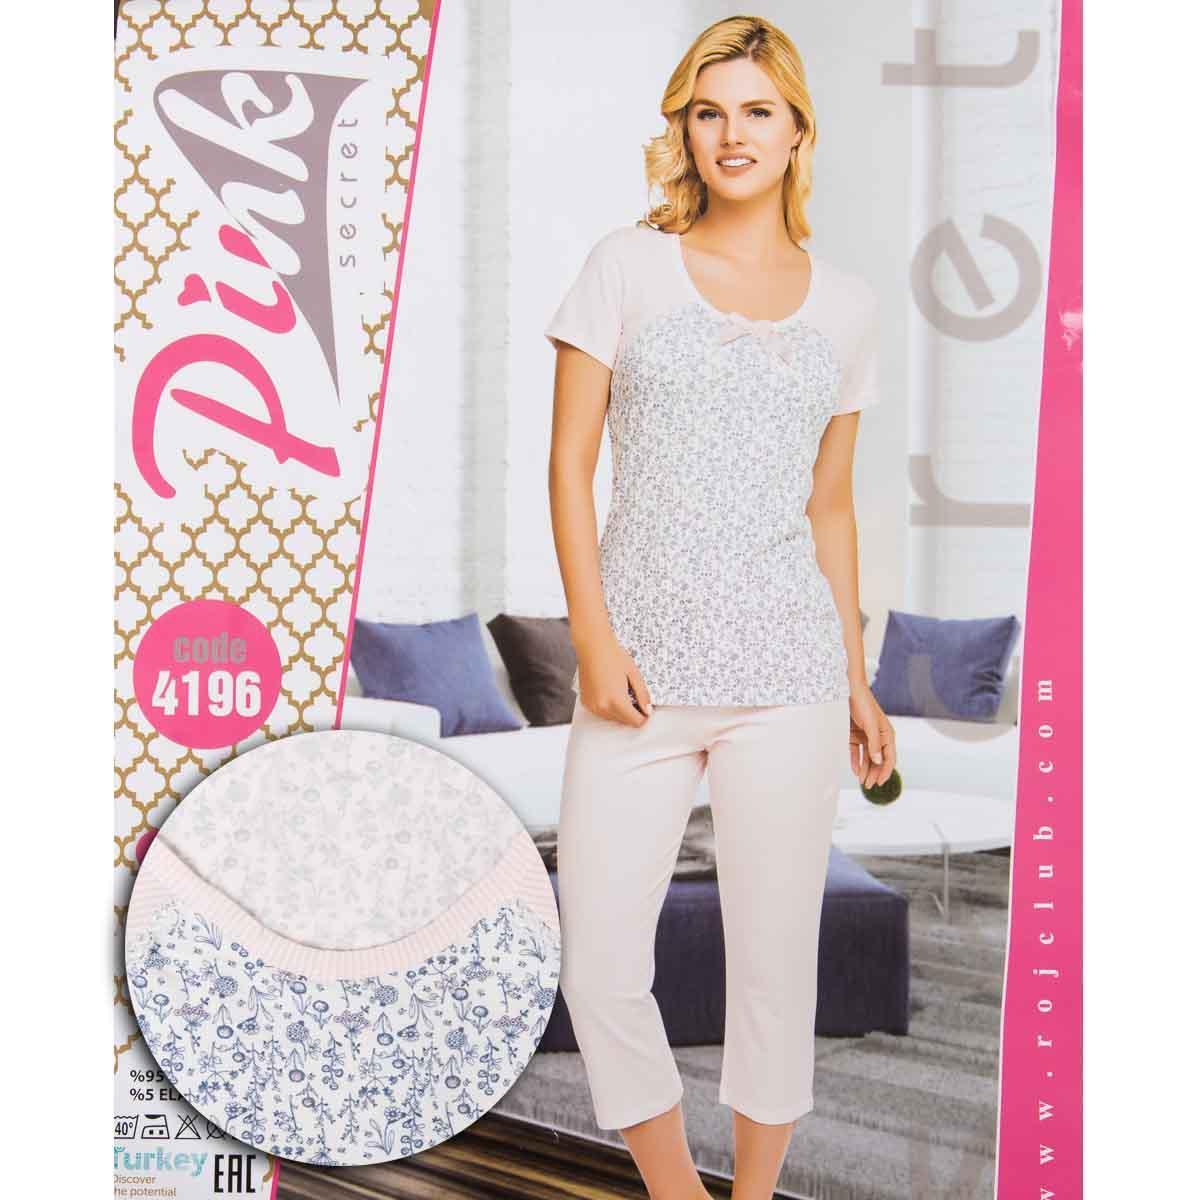 Комплект женский узорный (футболка и бриджи) Pink Secret Турция PK4196-2